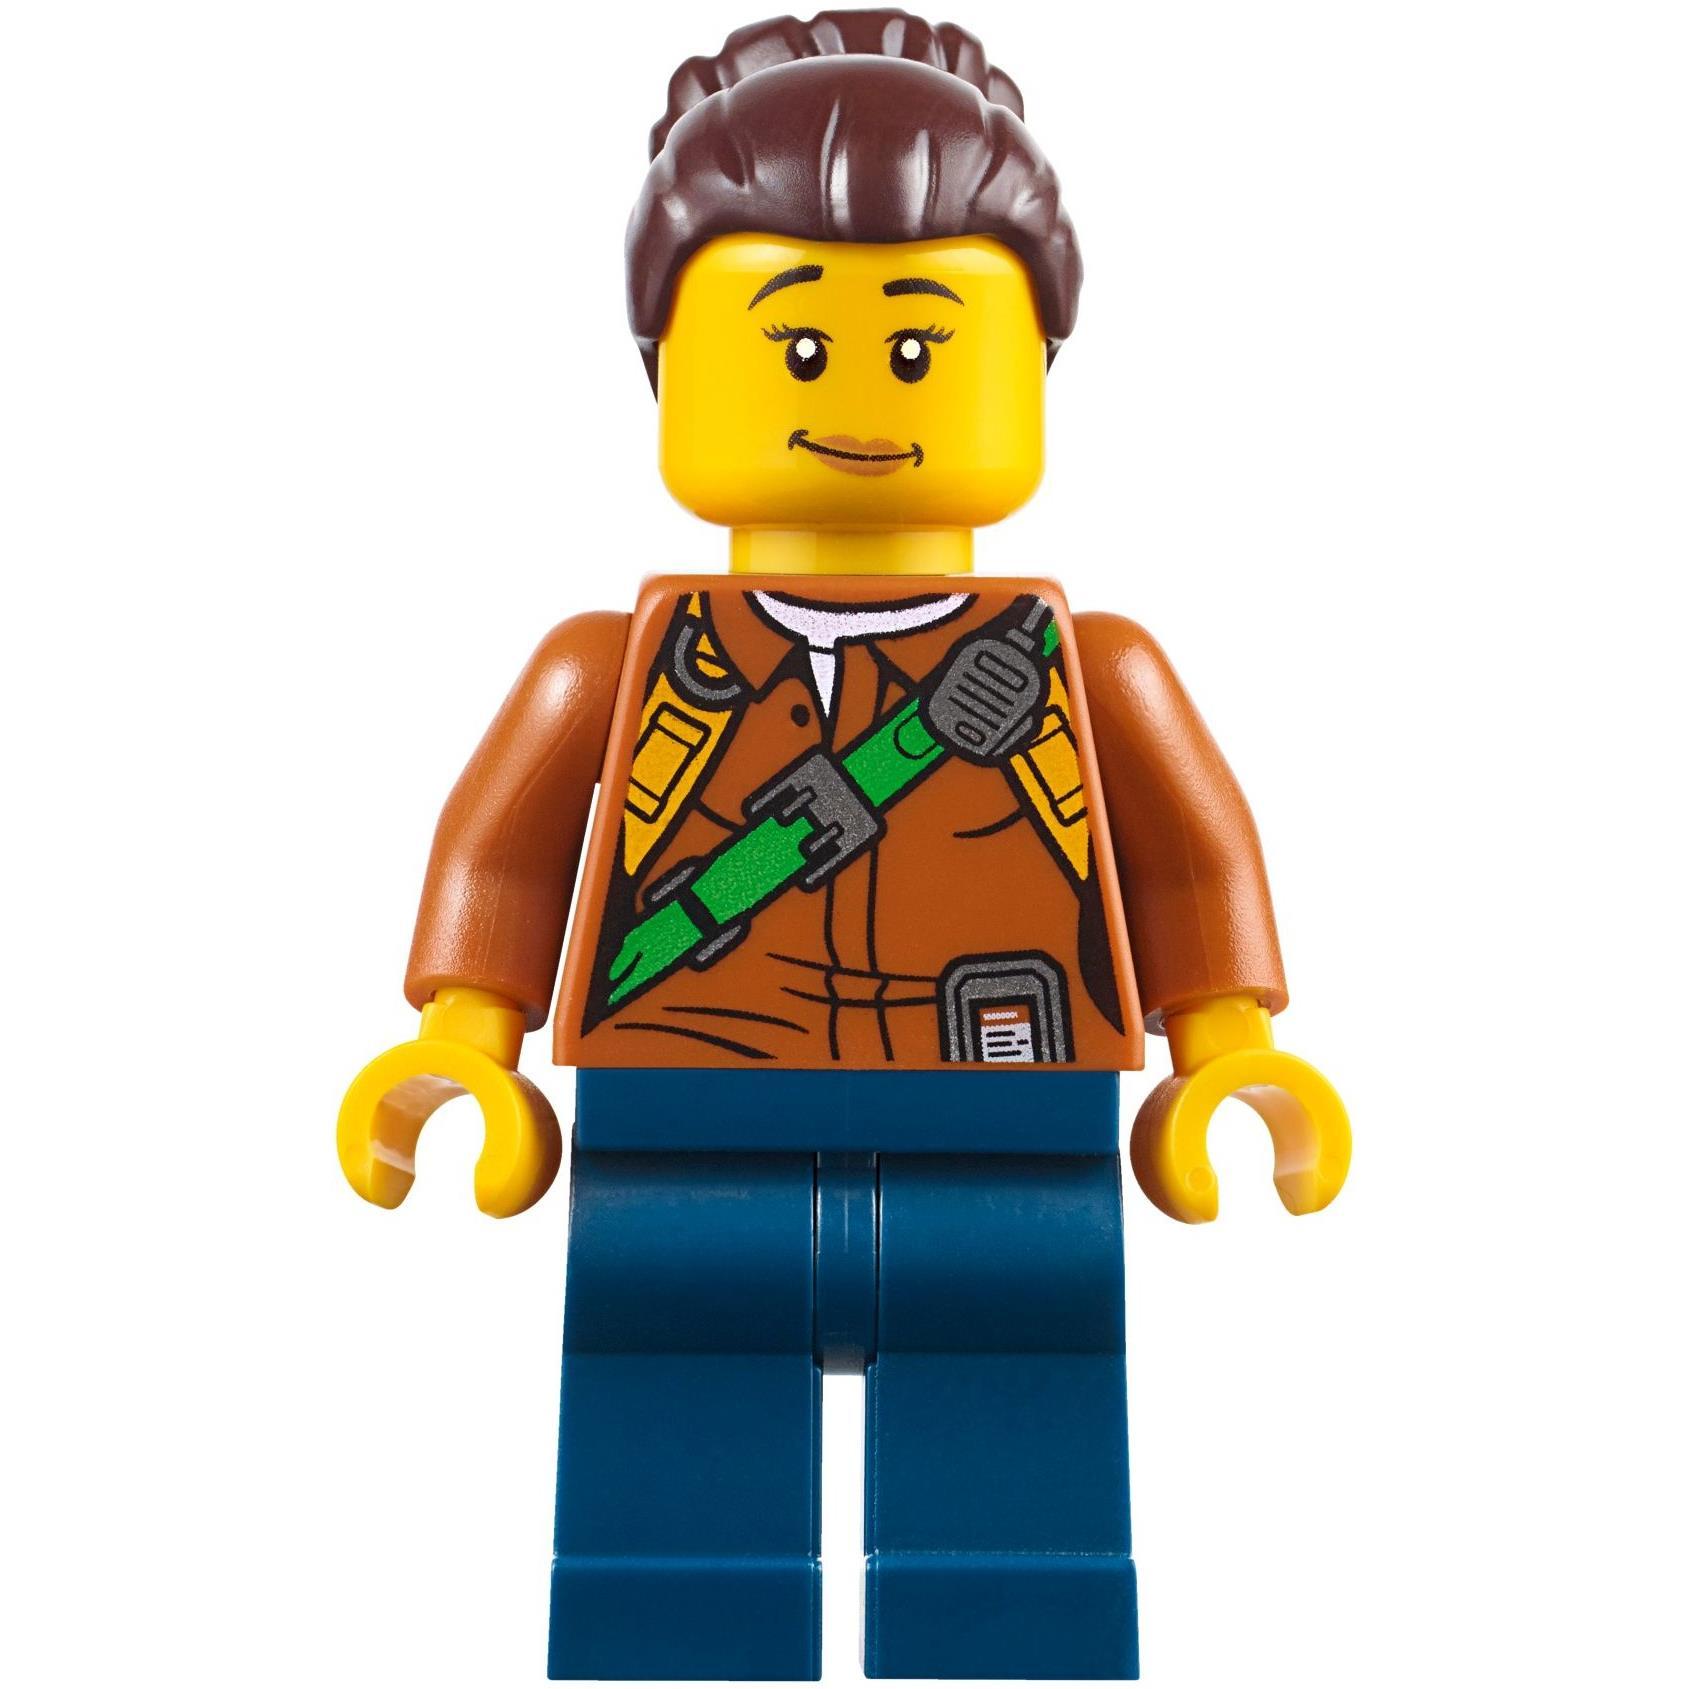 LEGO - Biệt Đội Thám Hiểm Rừng - 60159